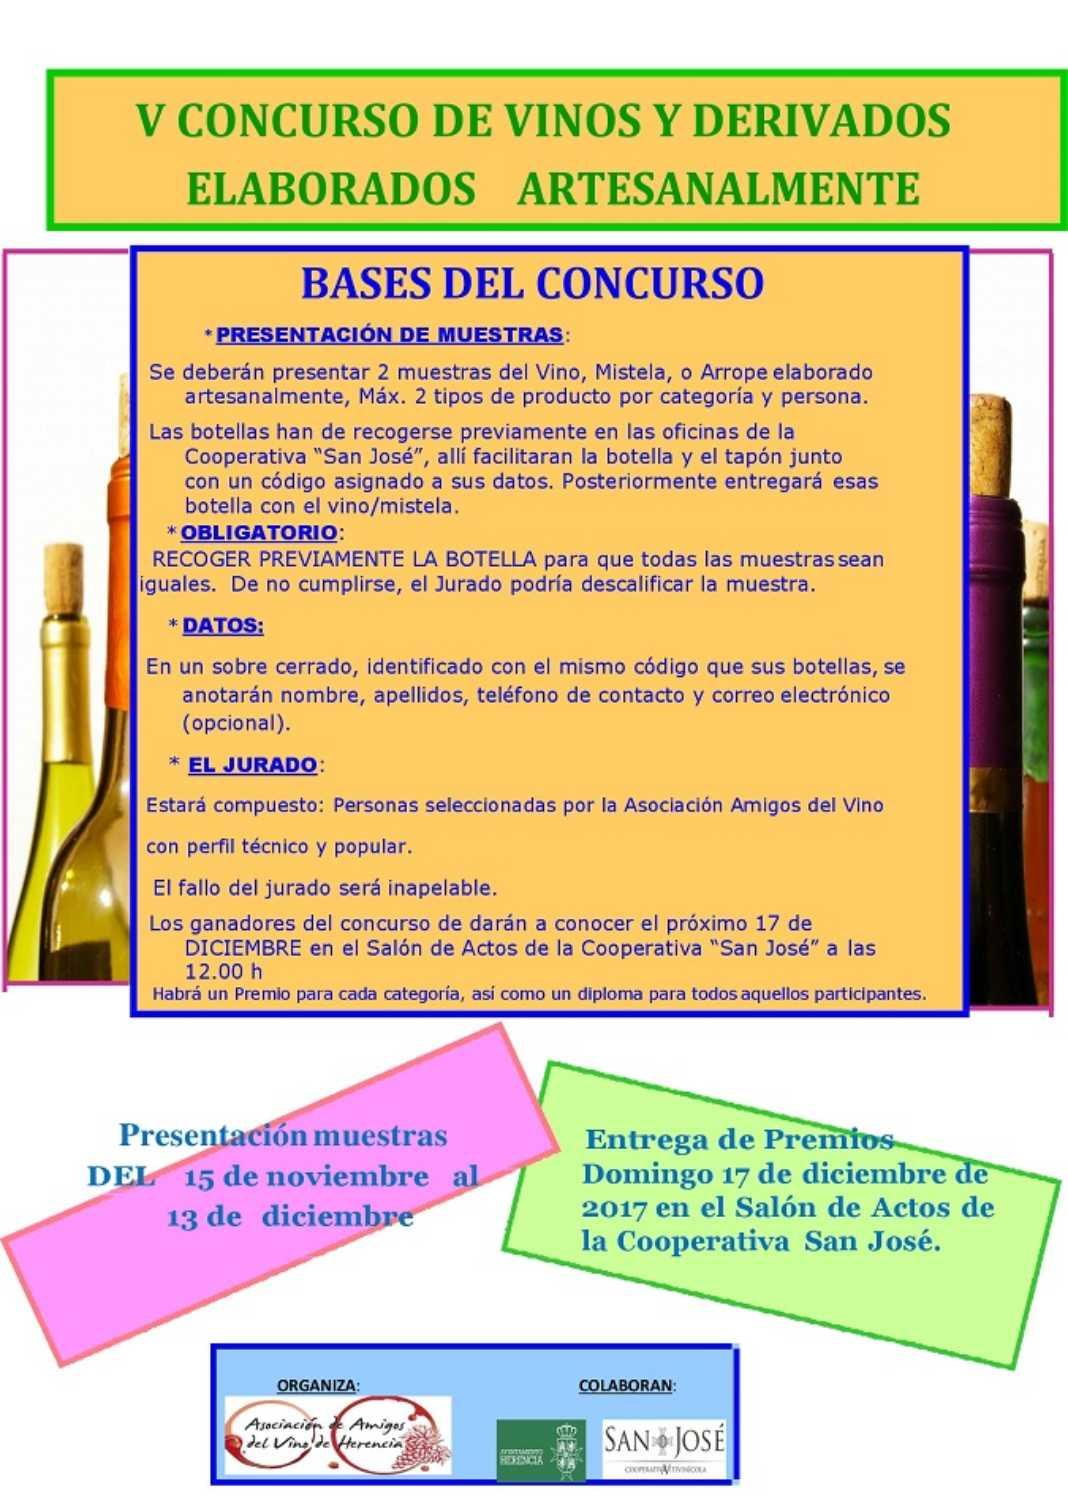 V Concurso de vinos y derivados elaborados artesanalmente 2